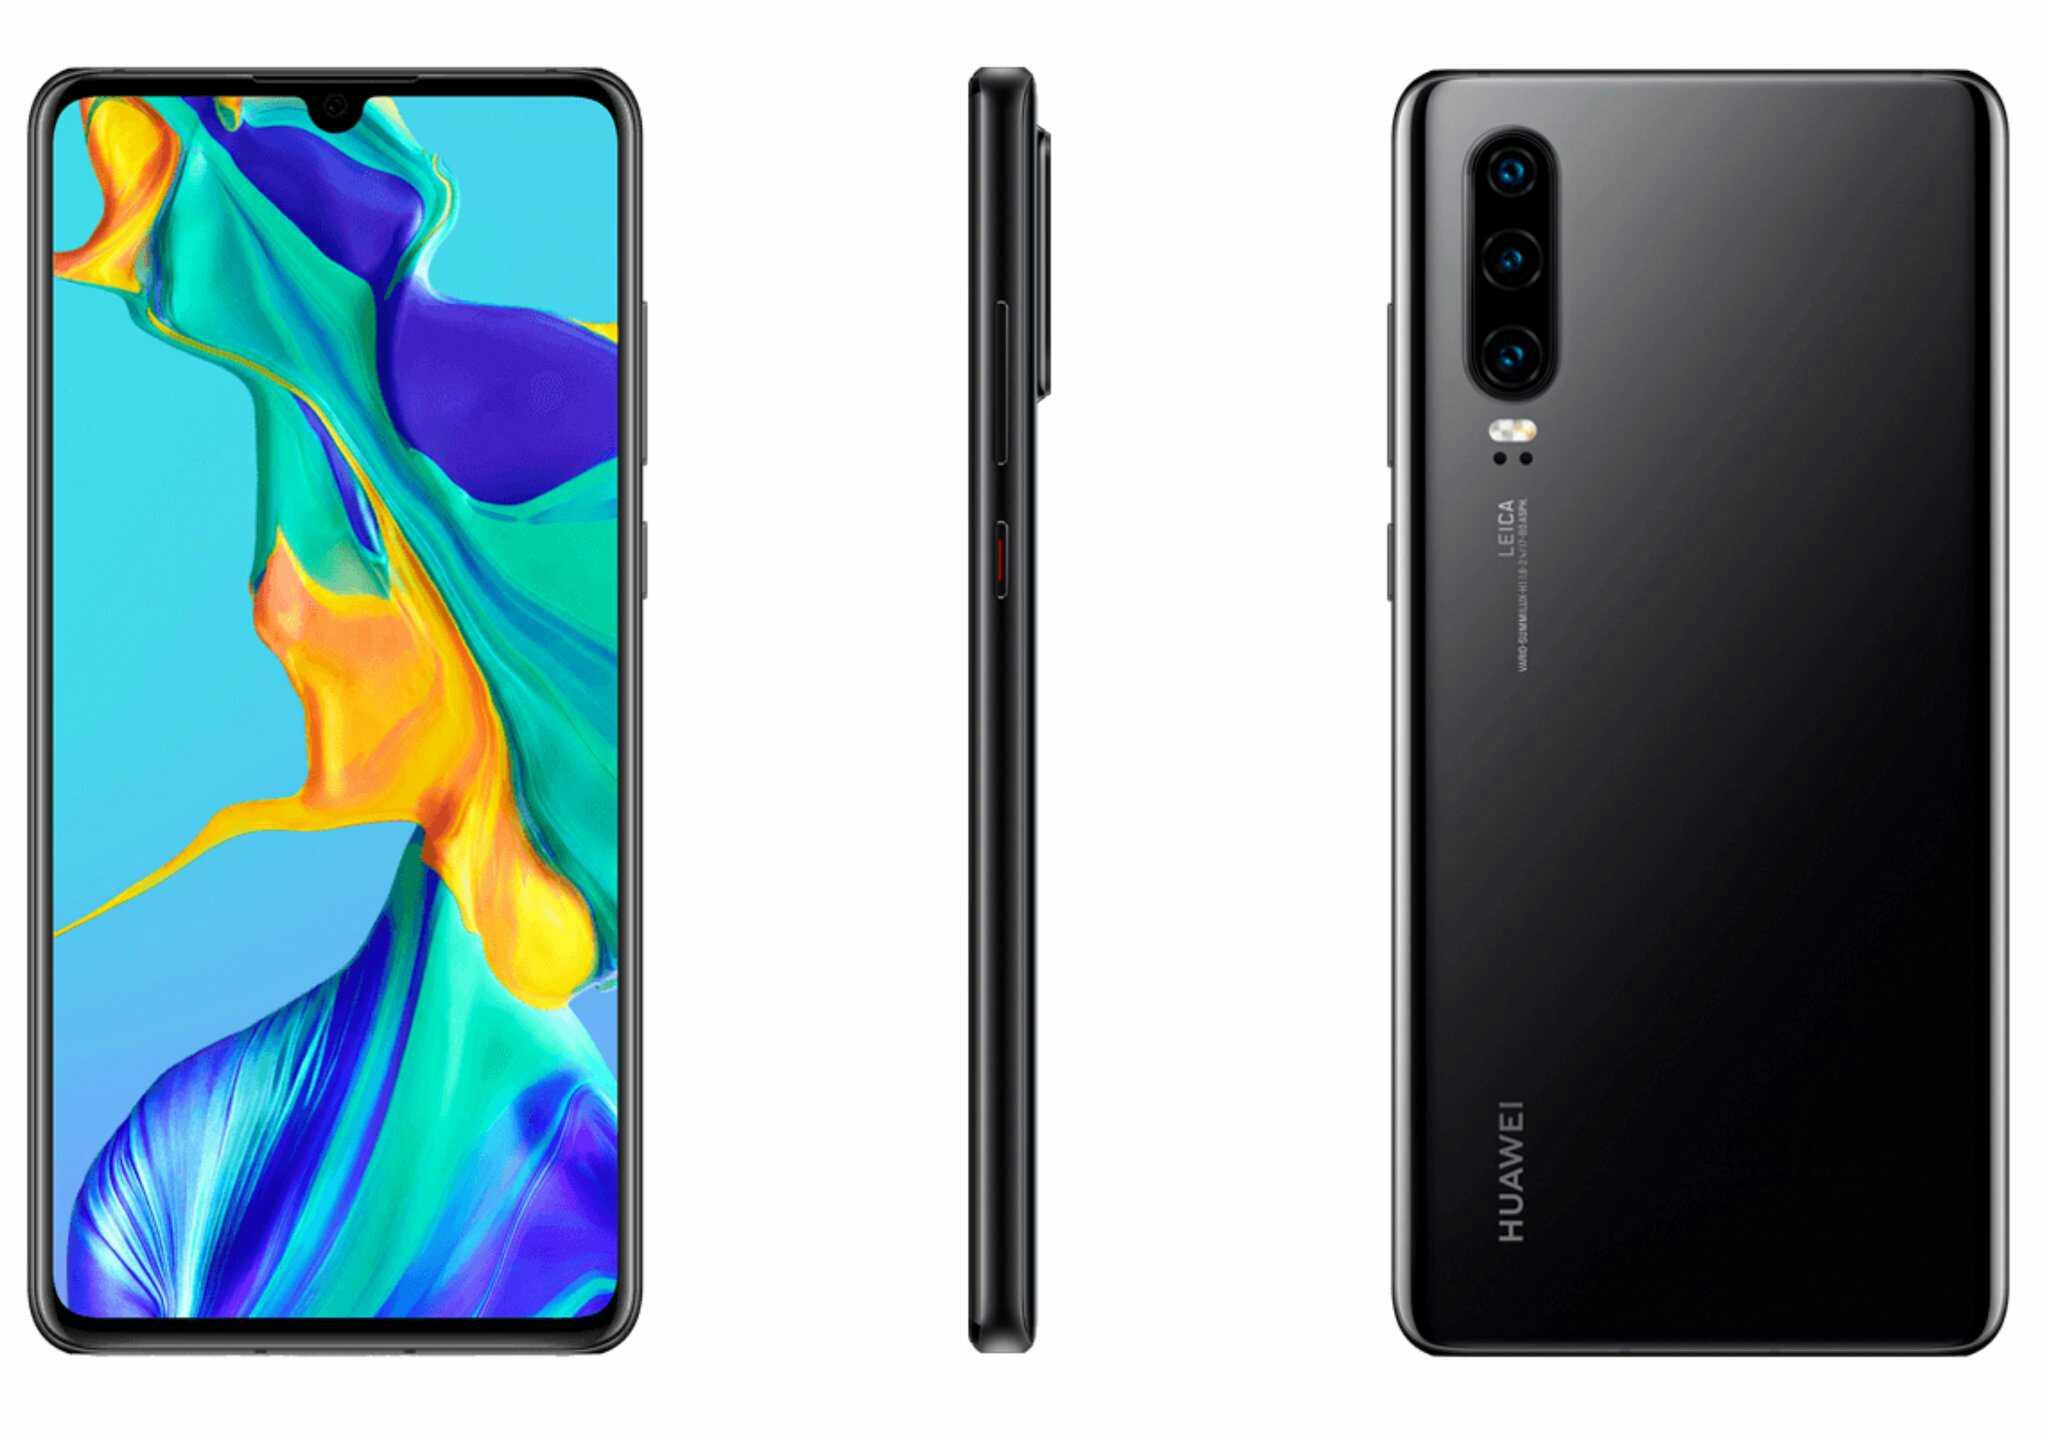 Huawei P30 Pro cena kiedy premiera dane techniczne specyfikacja techniczna gdzie kupić najtaniej w Polsce opinie specyfikacja plotki rendery